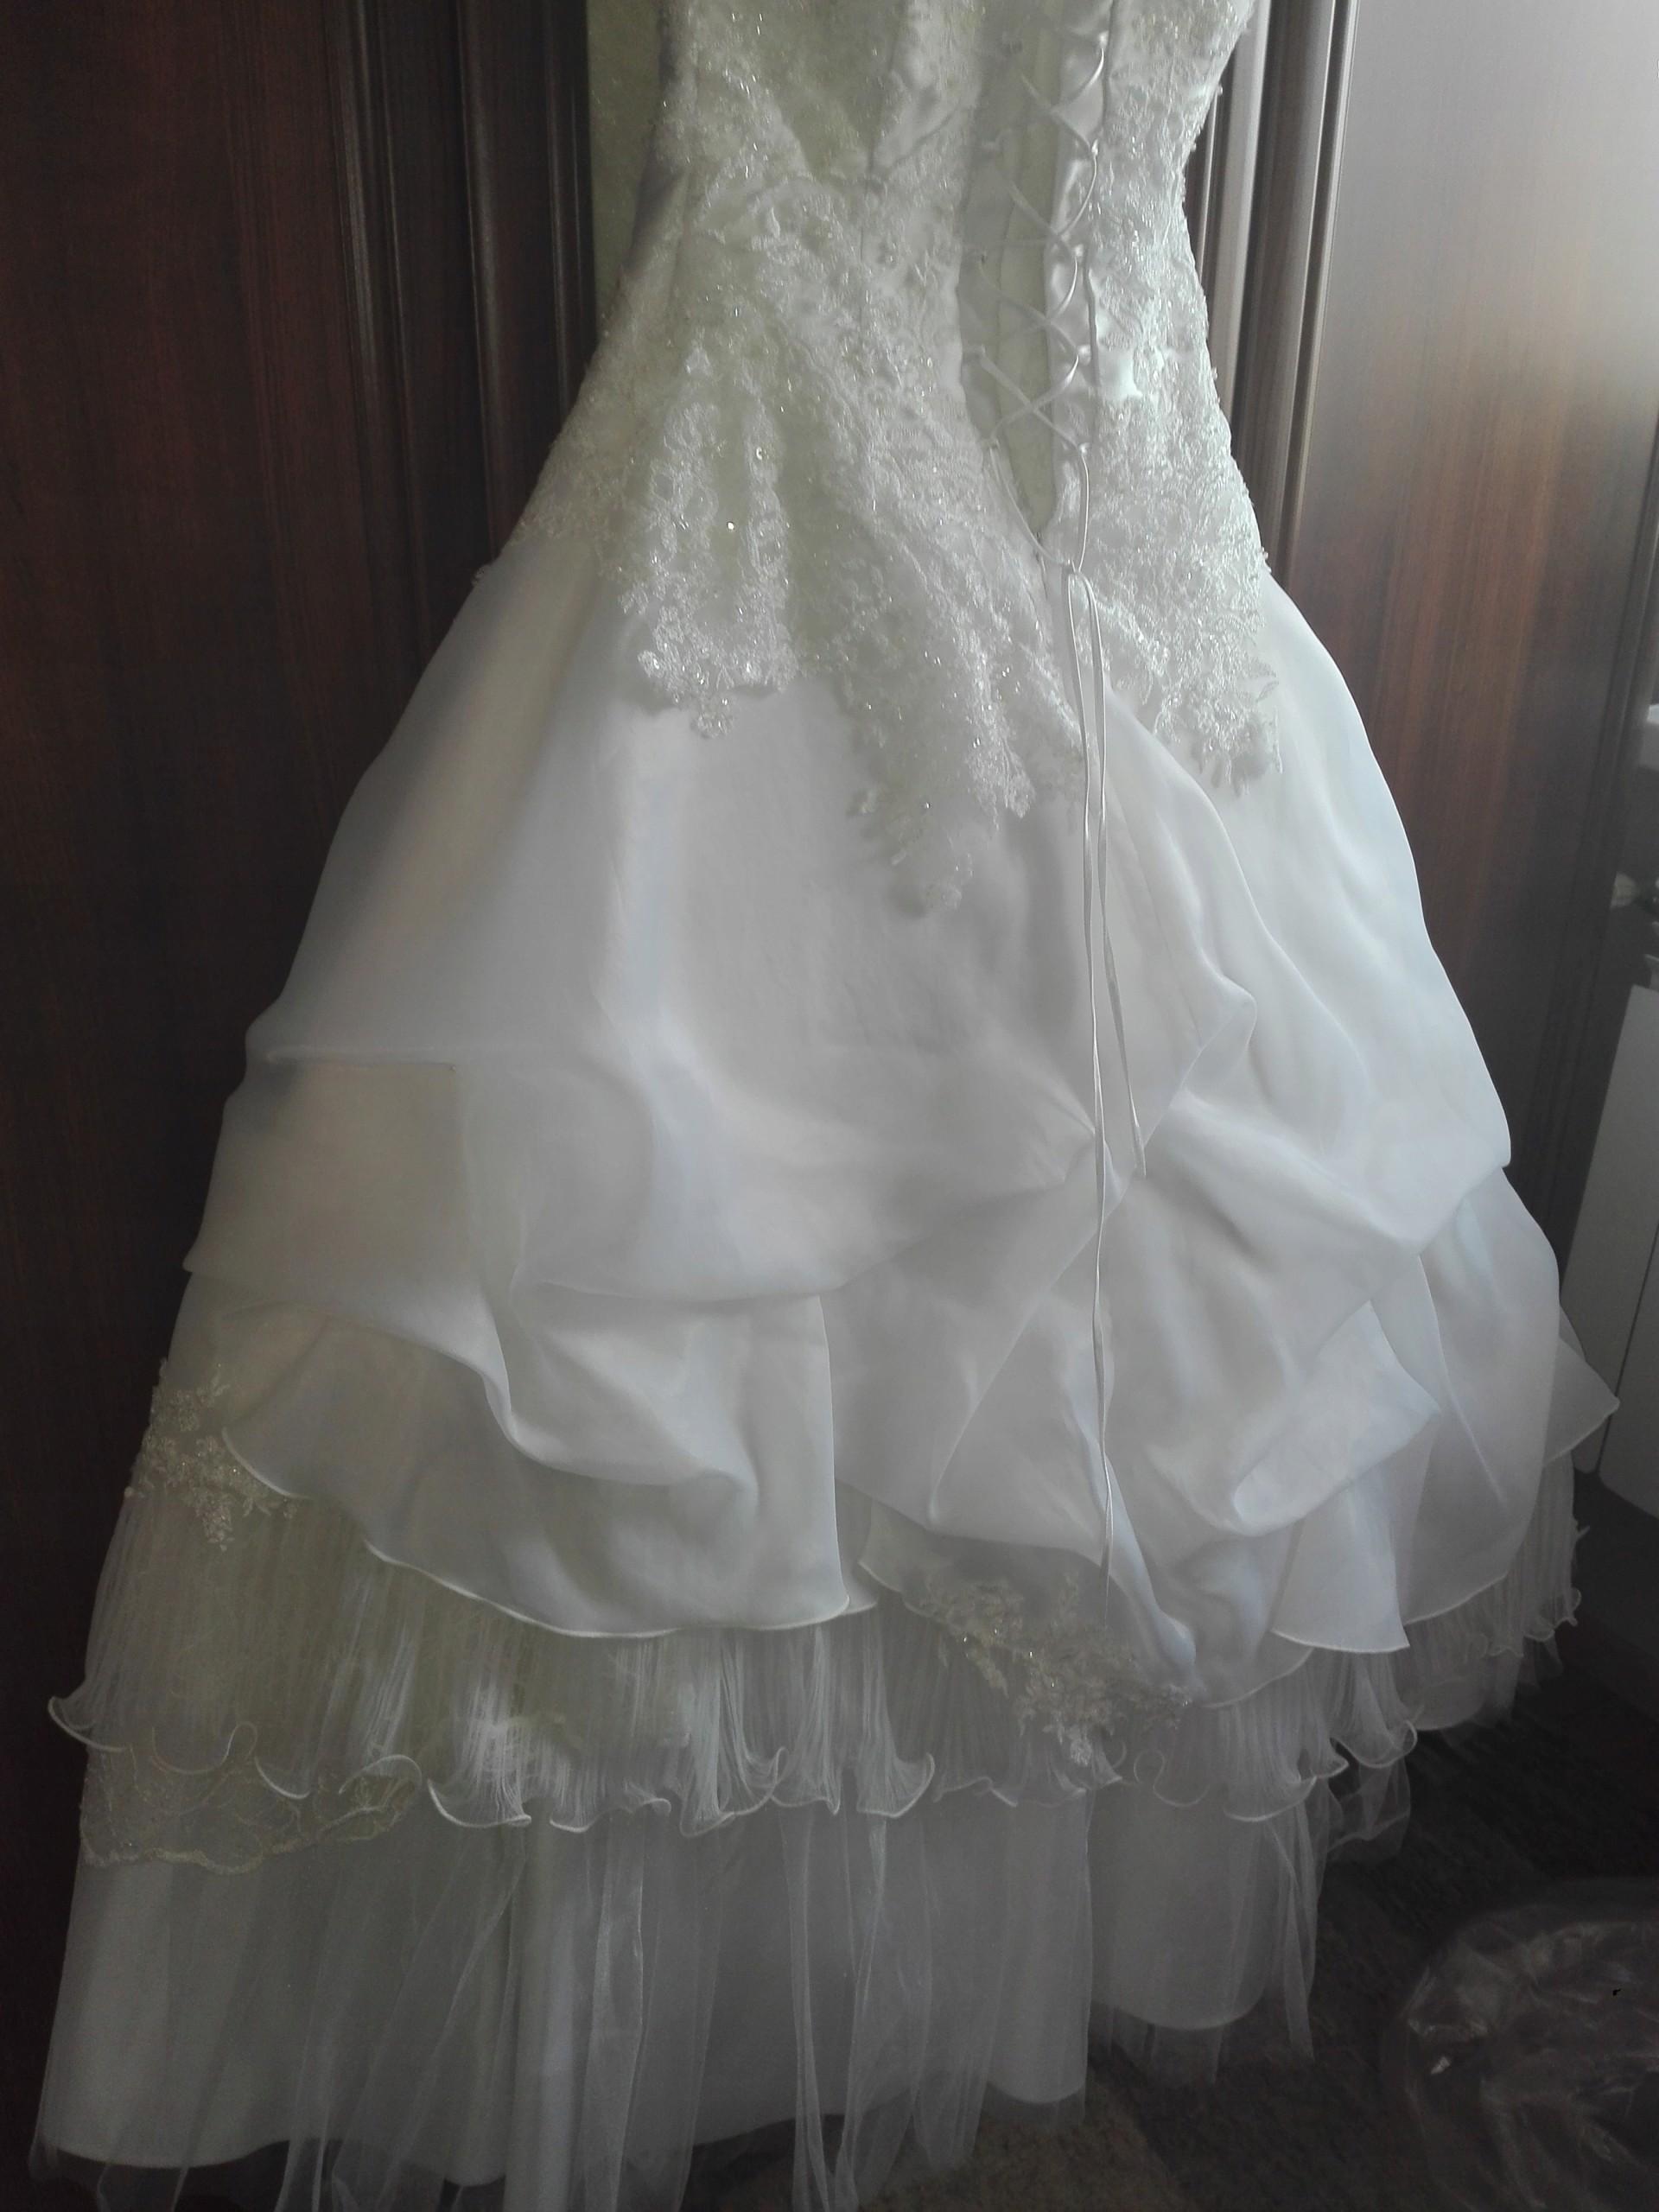 b2136dd407 Suknia ślubna Princess 36 40 7472338601 Oficjalne Archiwum Allegro